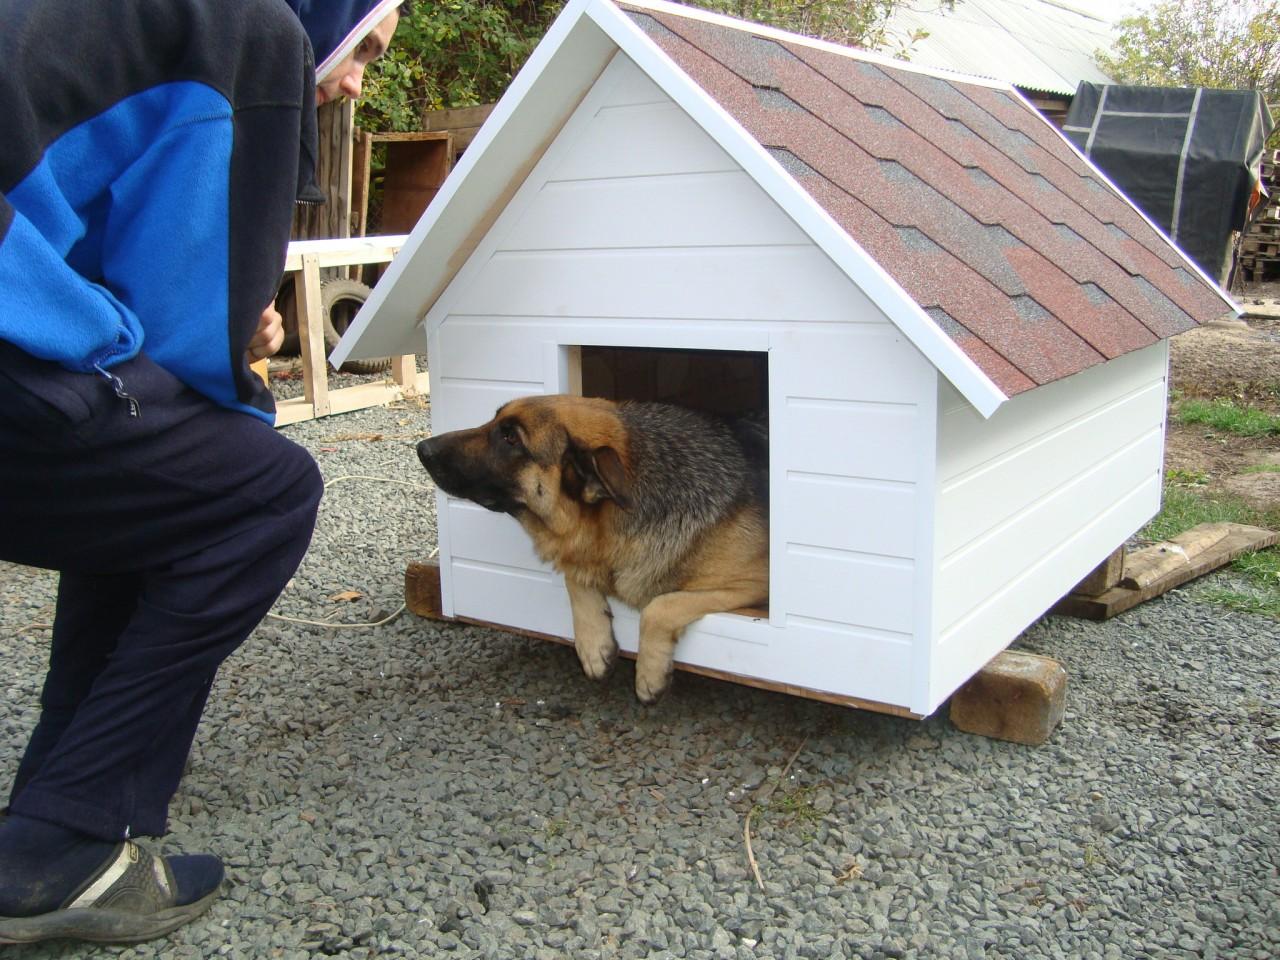 ЕвроБудка для Собаки. Своими руками будка, своими рукам, своими руками, собака - друг человека